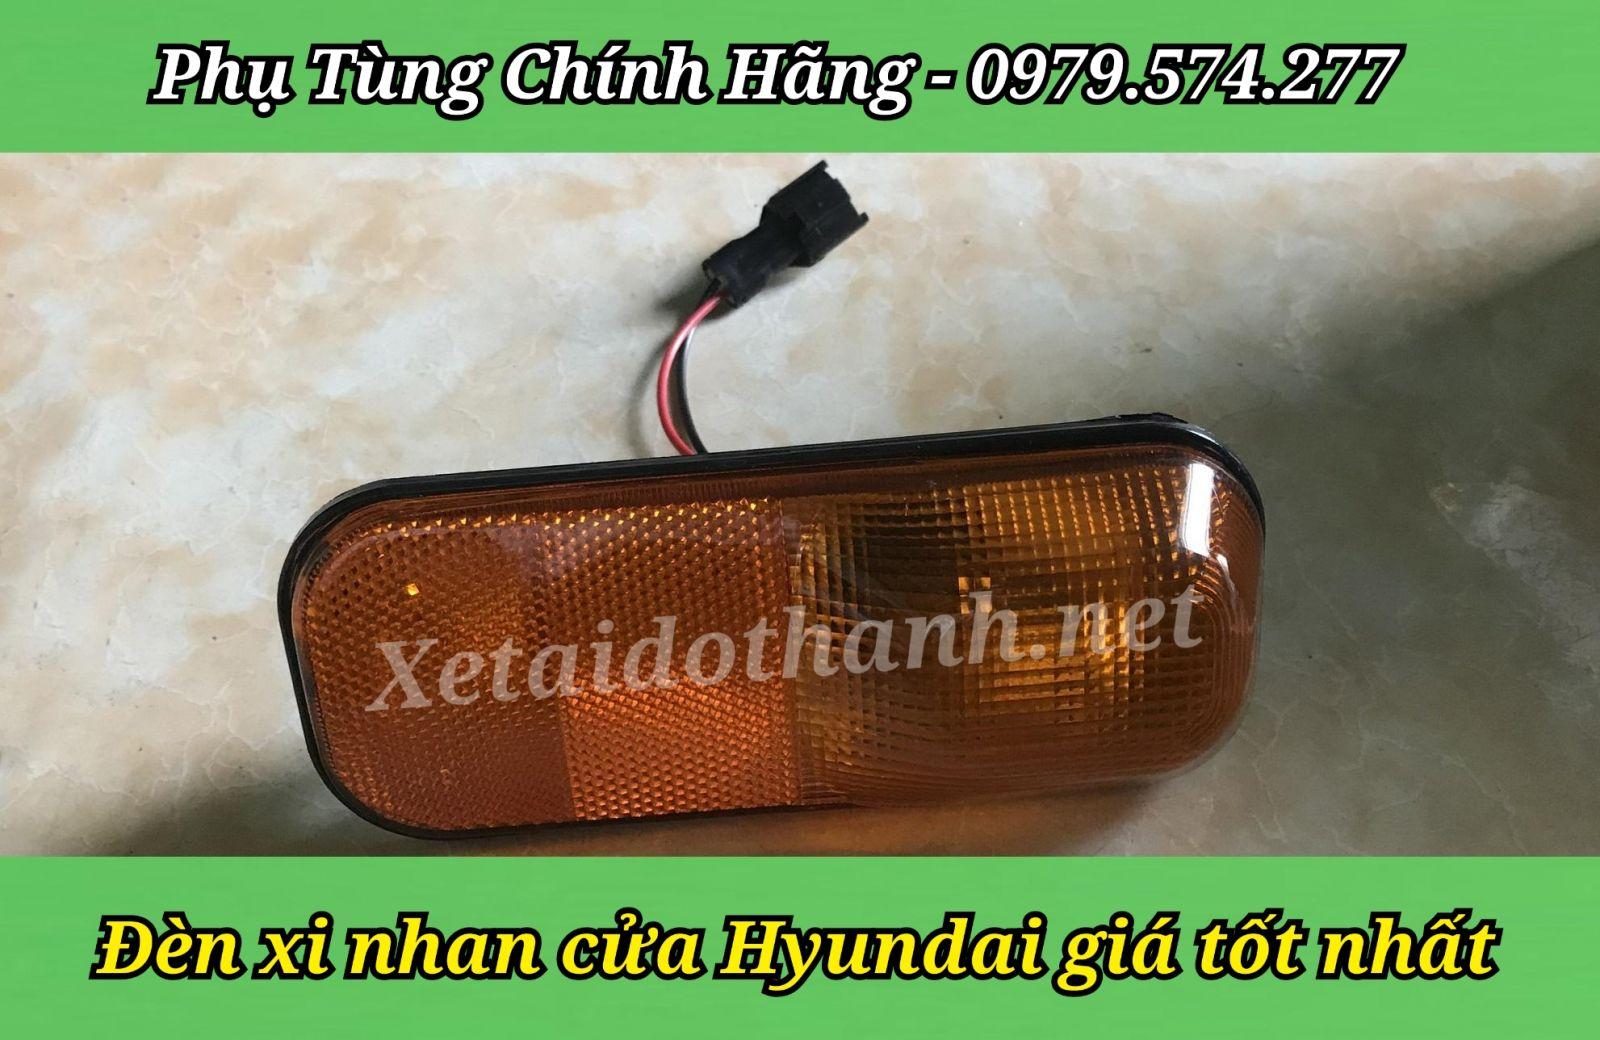 DEN XI NHAN CUA HD99